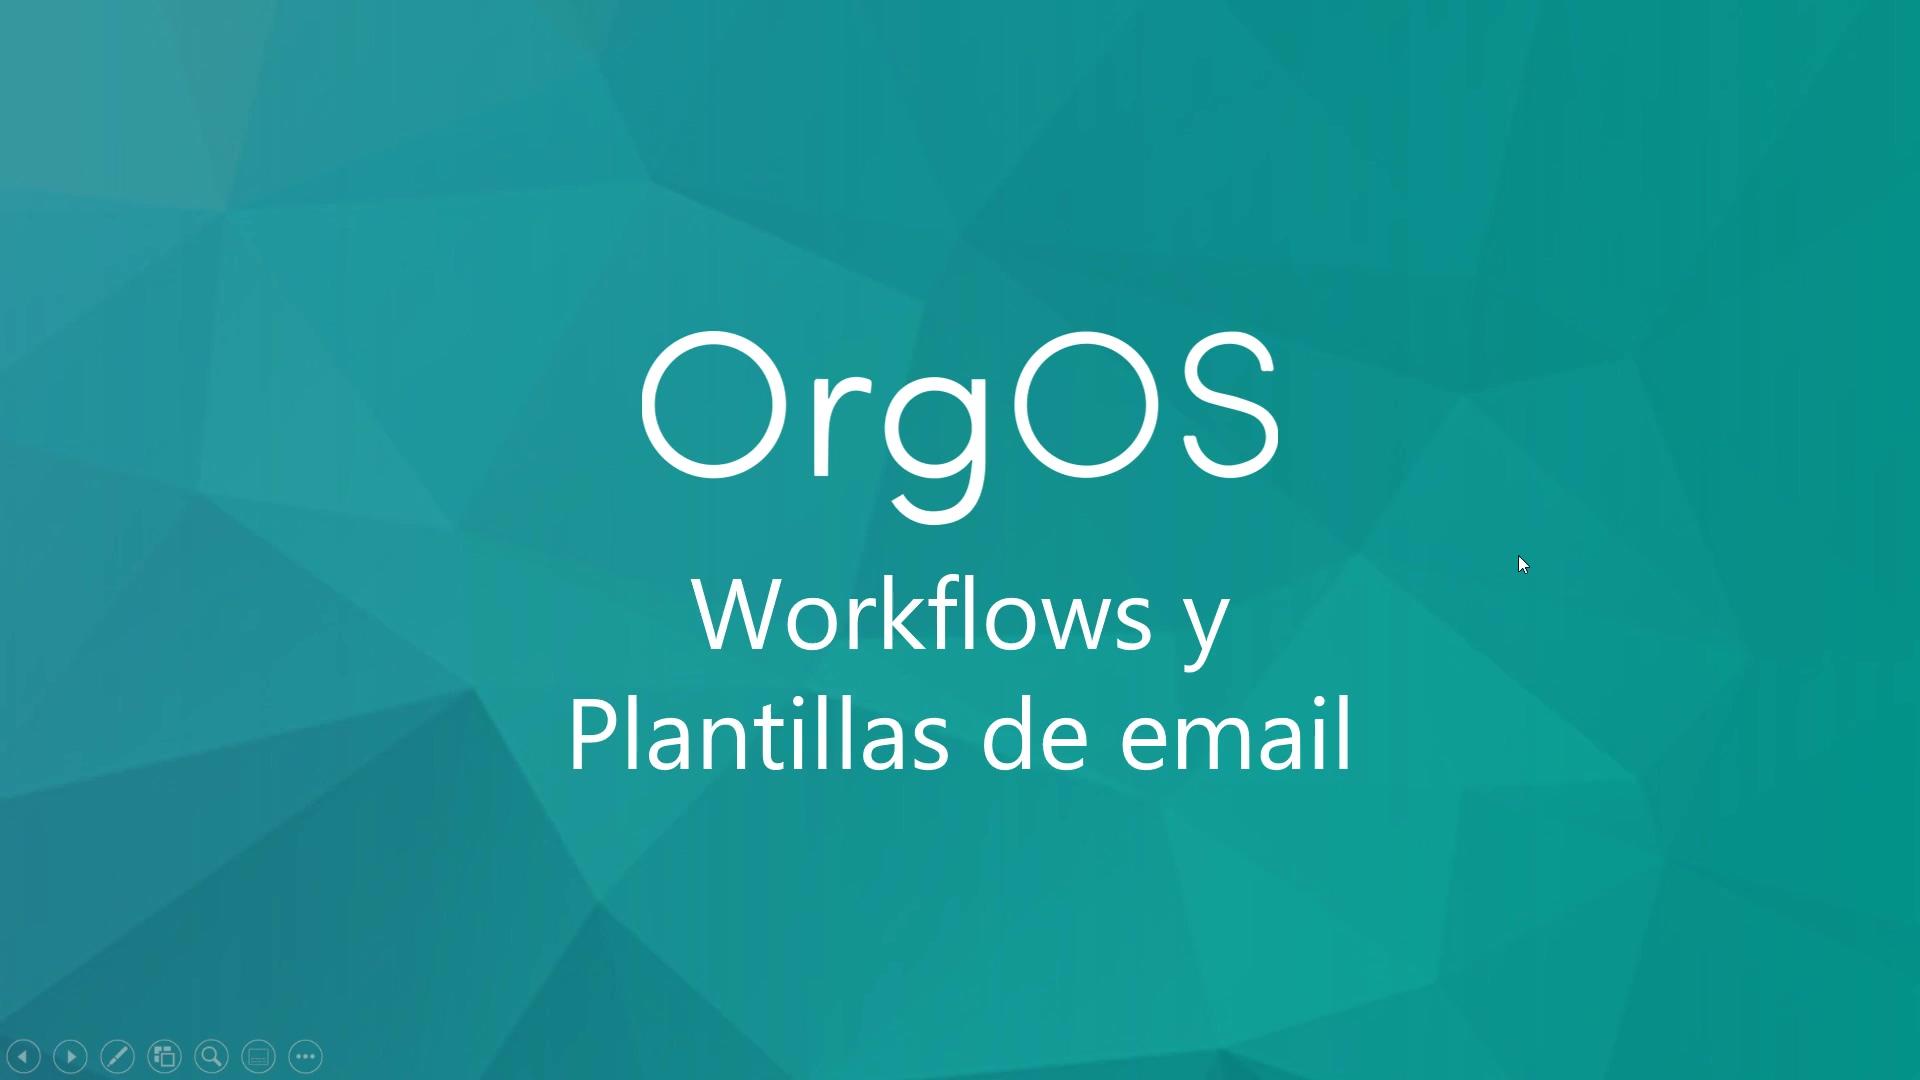 Workflows y Plantillas de email (1)